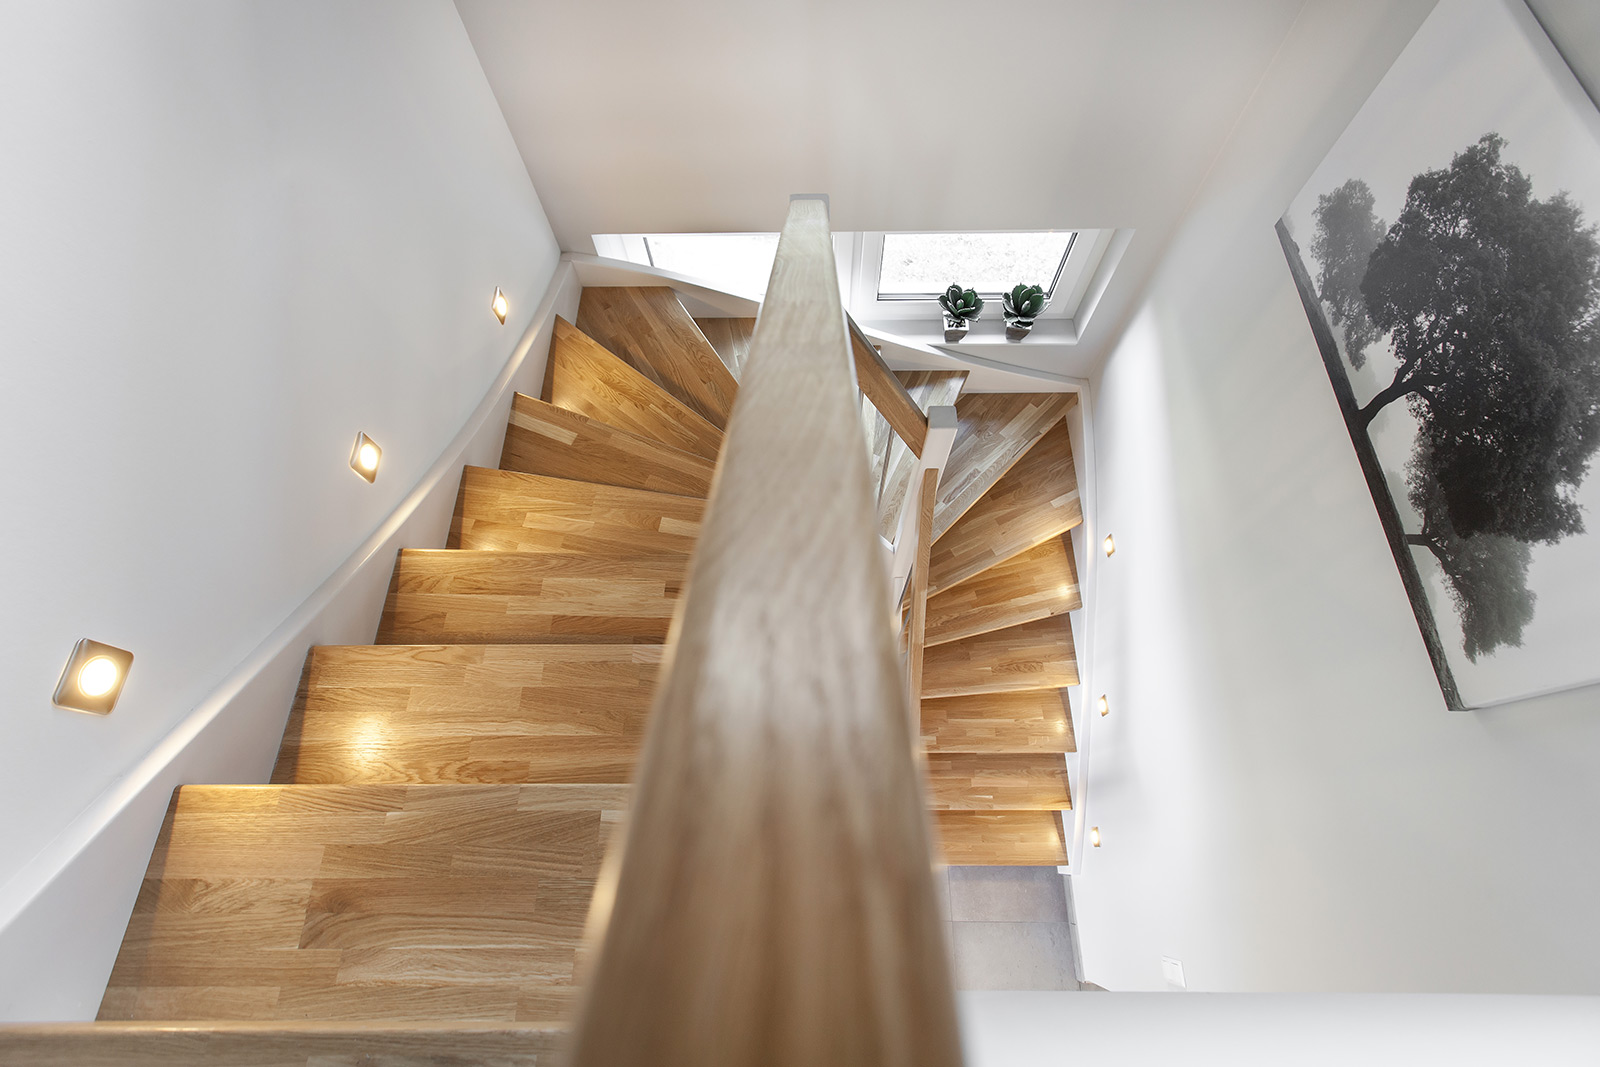 Astuces maison bricolage et d coration artisanat de france for Amenagez votre interieur